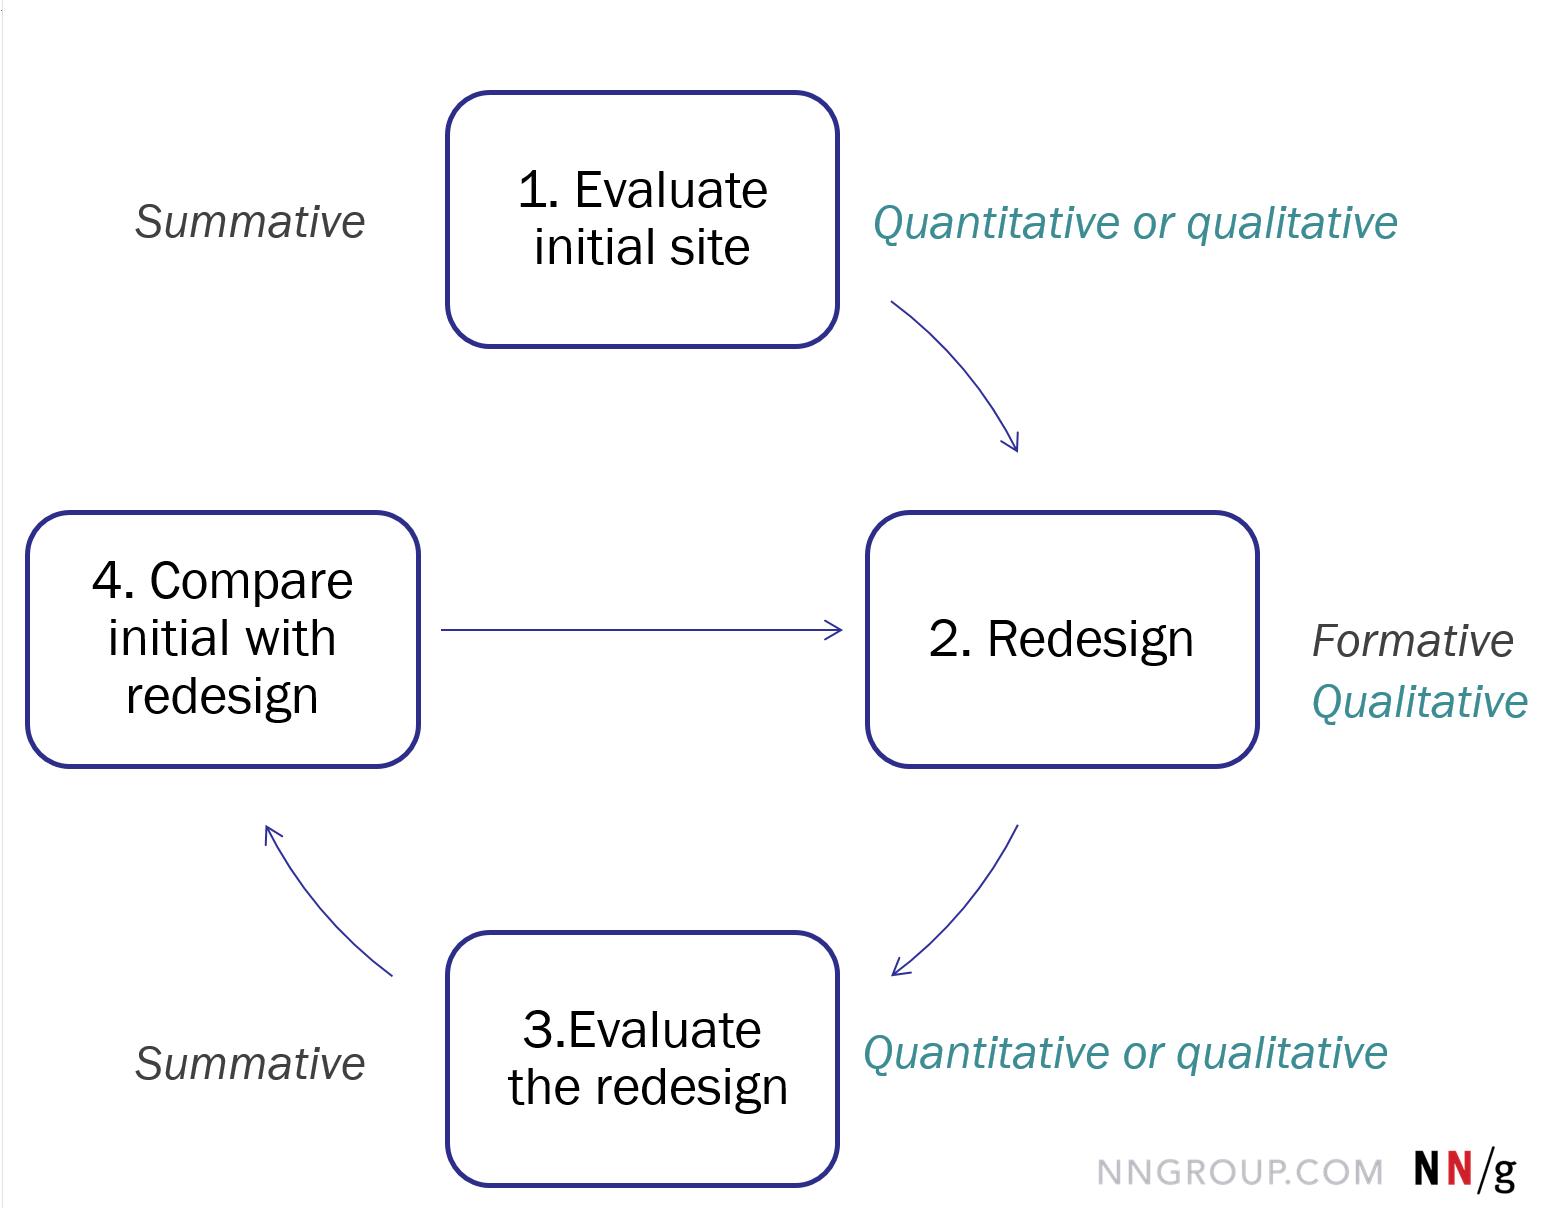 Key Differences Between Qualitative And Quantitative